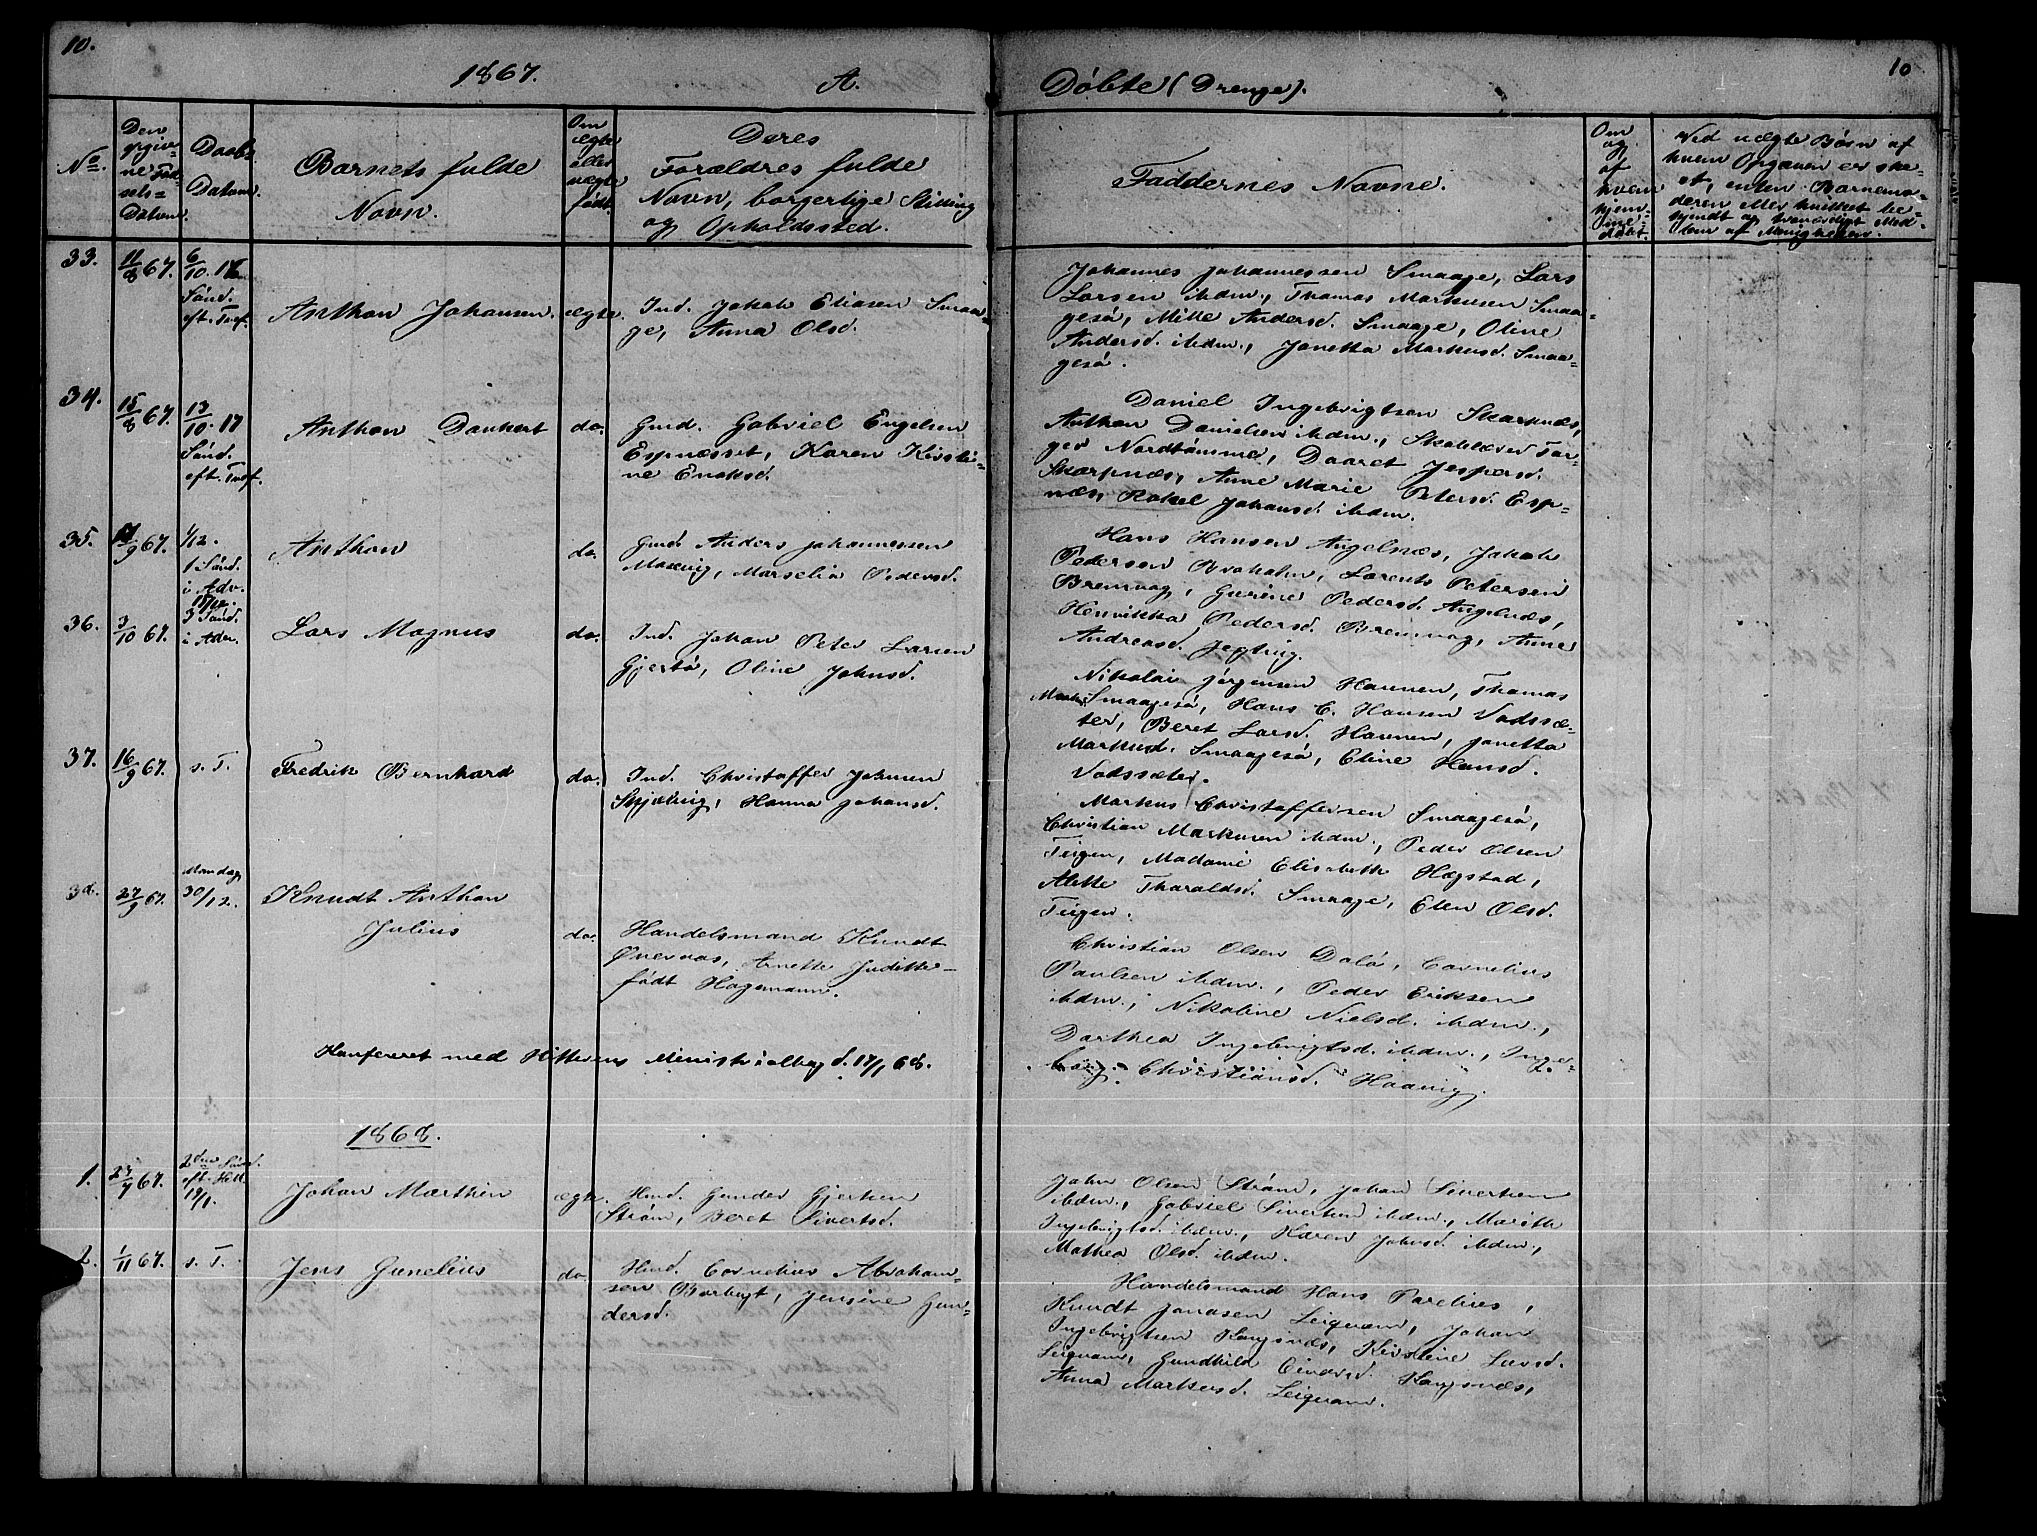 SAT, Ministerialprotokoller, klokkerbøker og fødselsregistre - Sør-Trøndelag, 634/L0539: Klokkerbok nr. 634C01, 1866-1873, s. 10